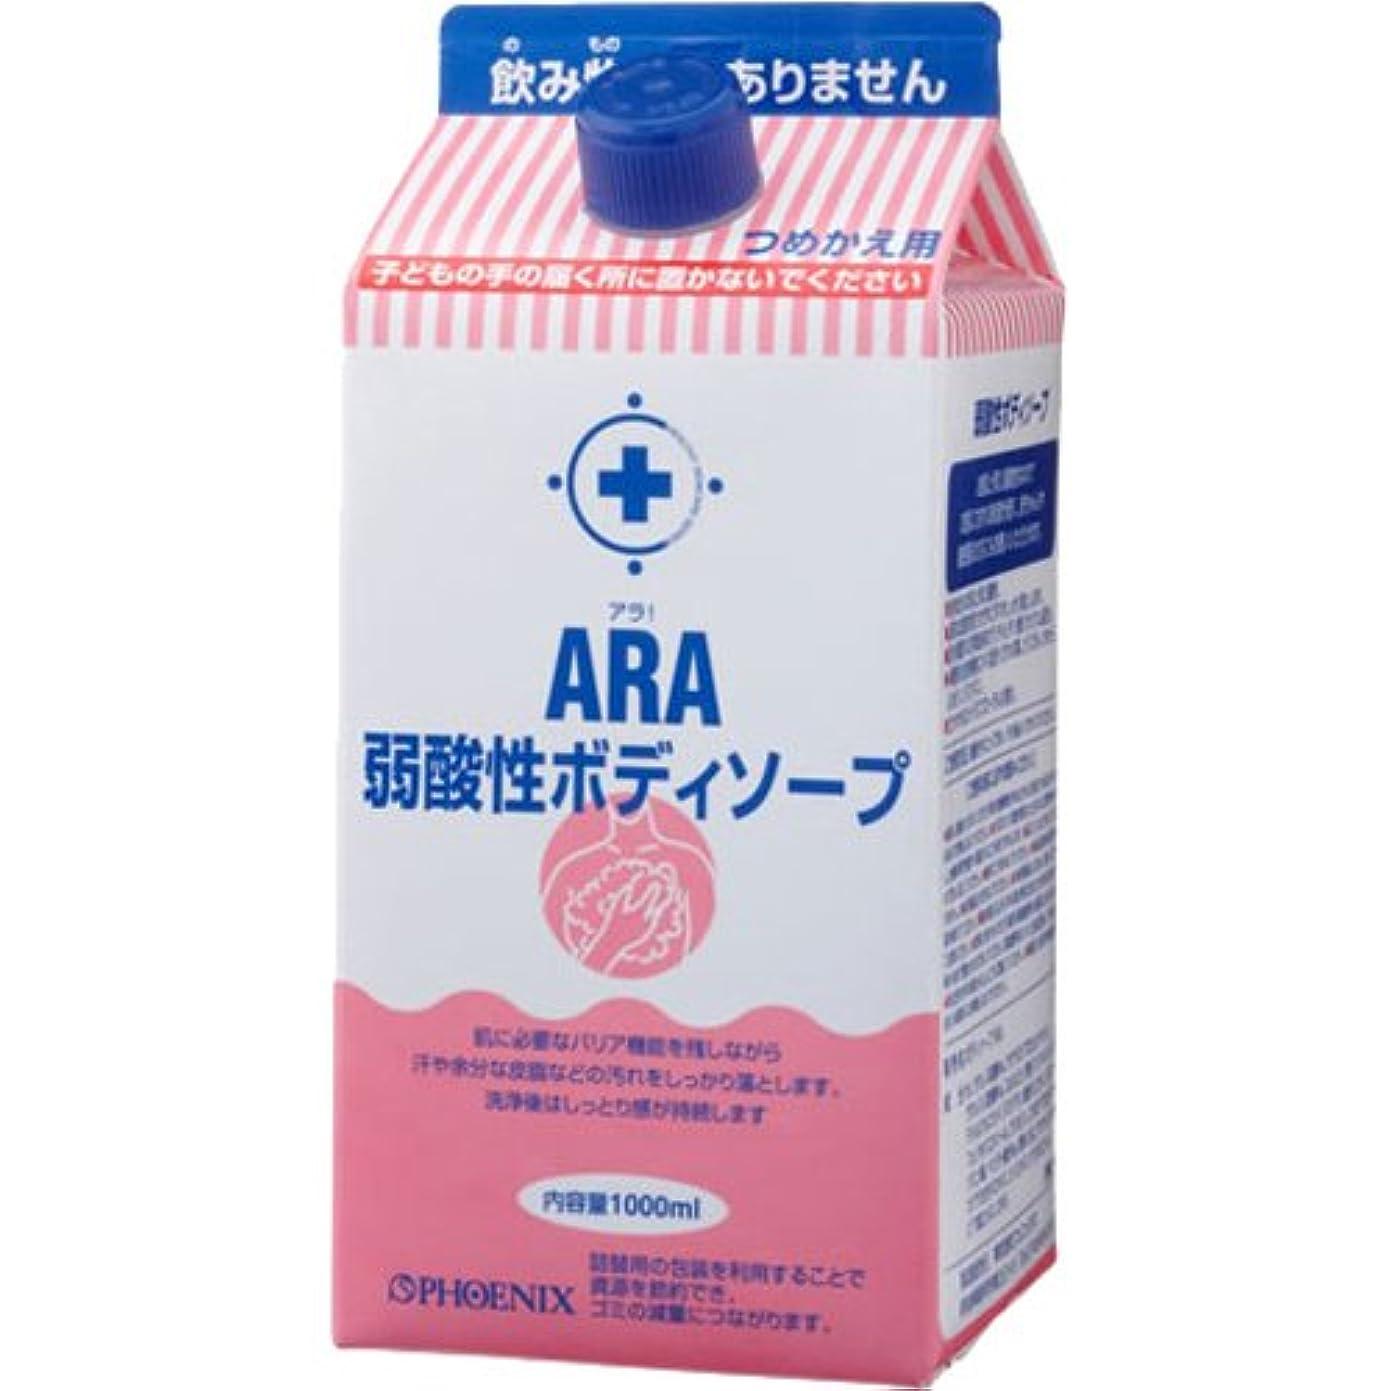 繰り返すバイオリン特性ARA 弱酸性ボディソープ (詰替え用) 1000ml×12入り